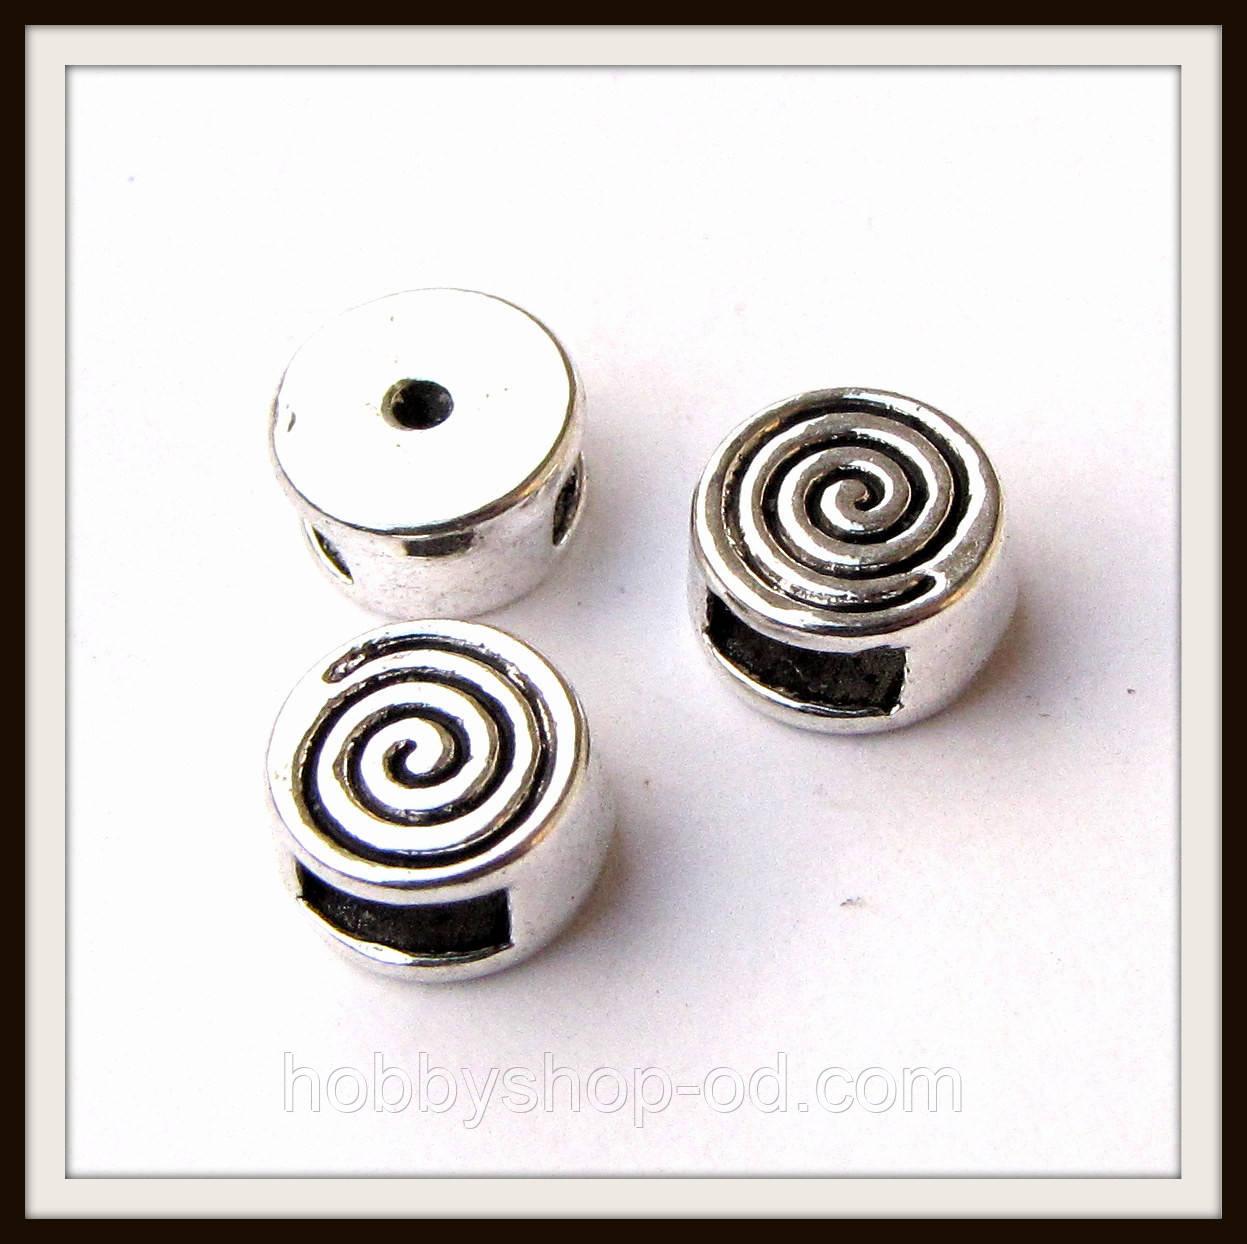 Бусина-рамка для браслетов  спираль мини (диам 0,8  см) 12 шт